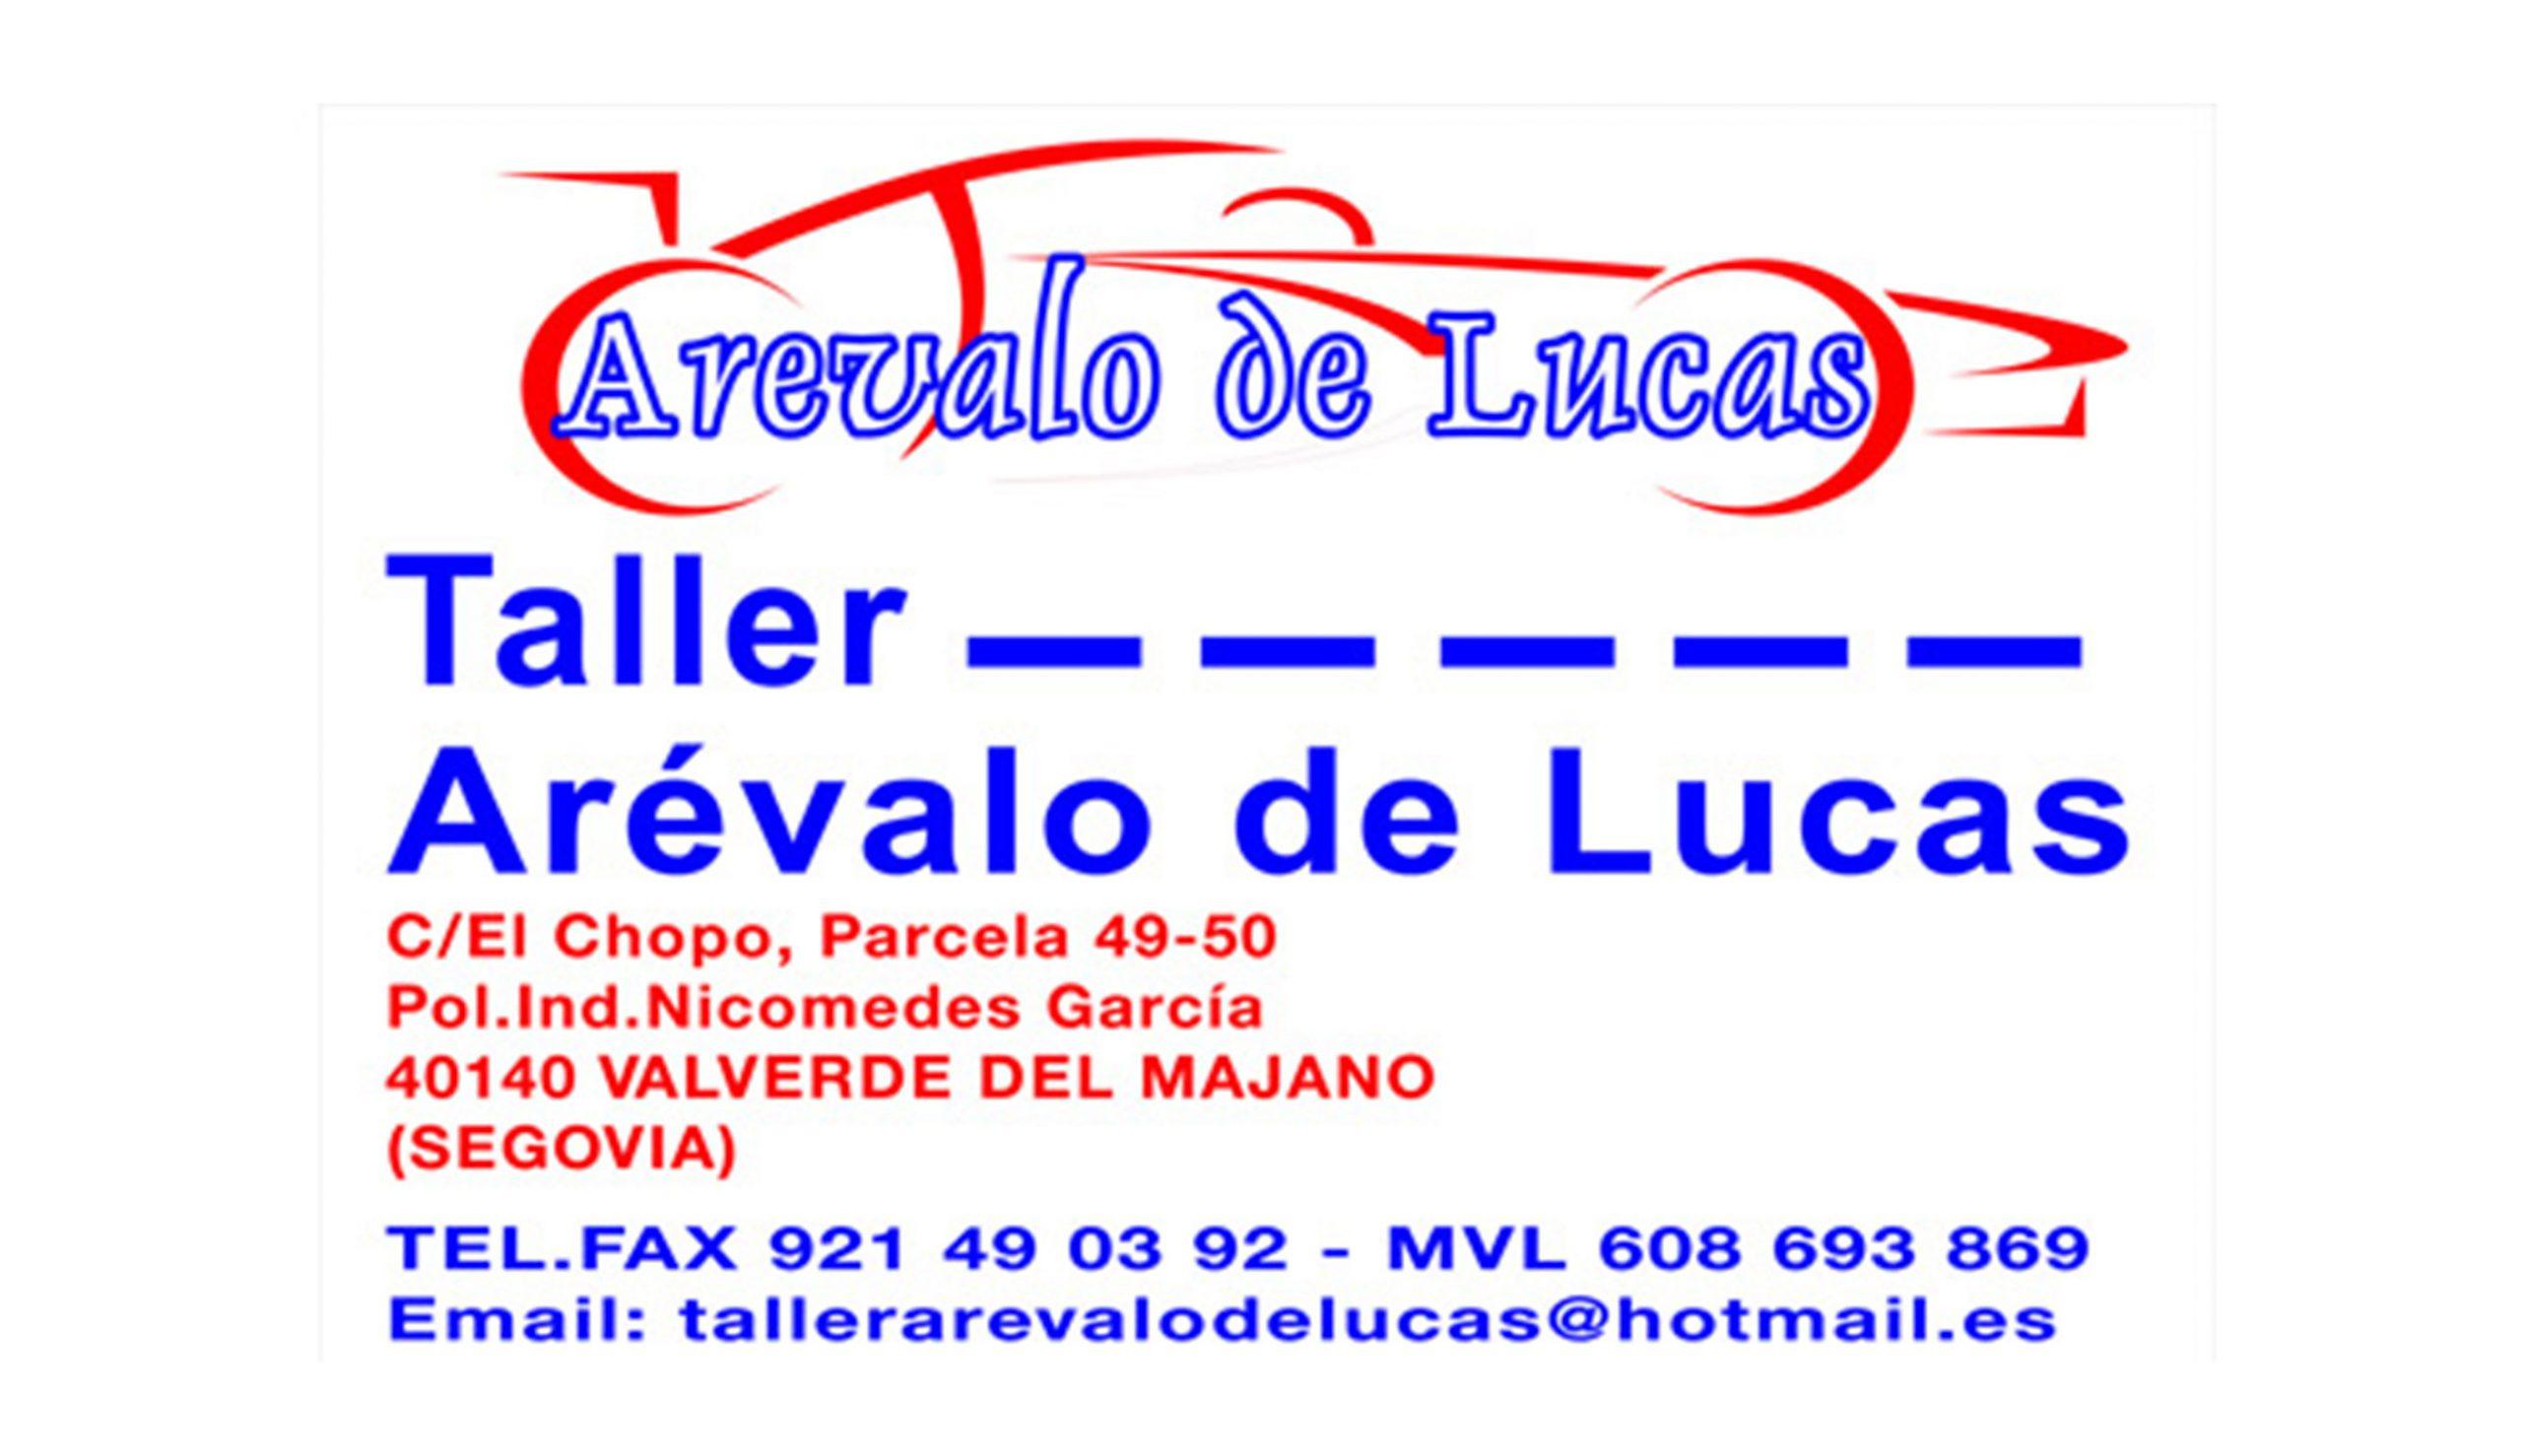 9-Taller_Arevalo_de_Lucas_web